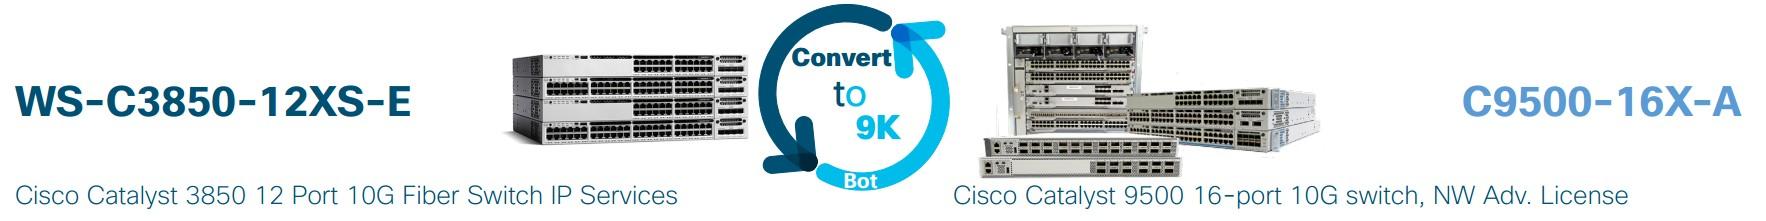 Przełacznik C9500-16X-A (Cisco Catalyst 9500 16-port 10G